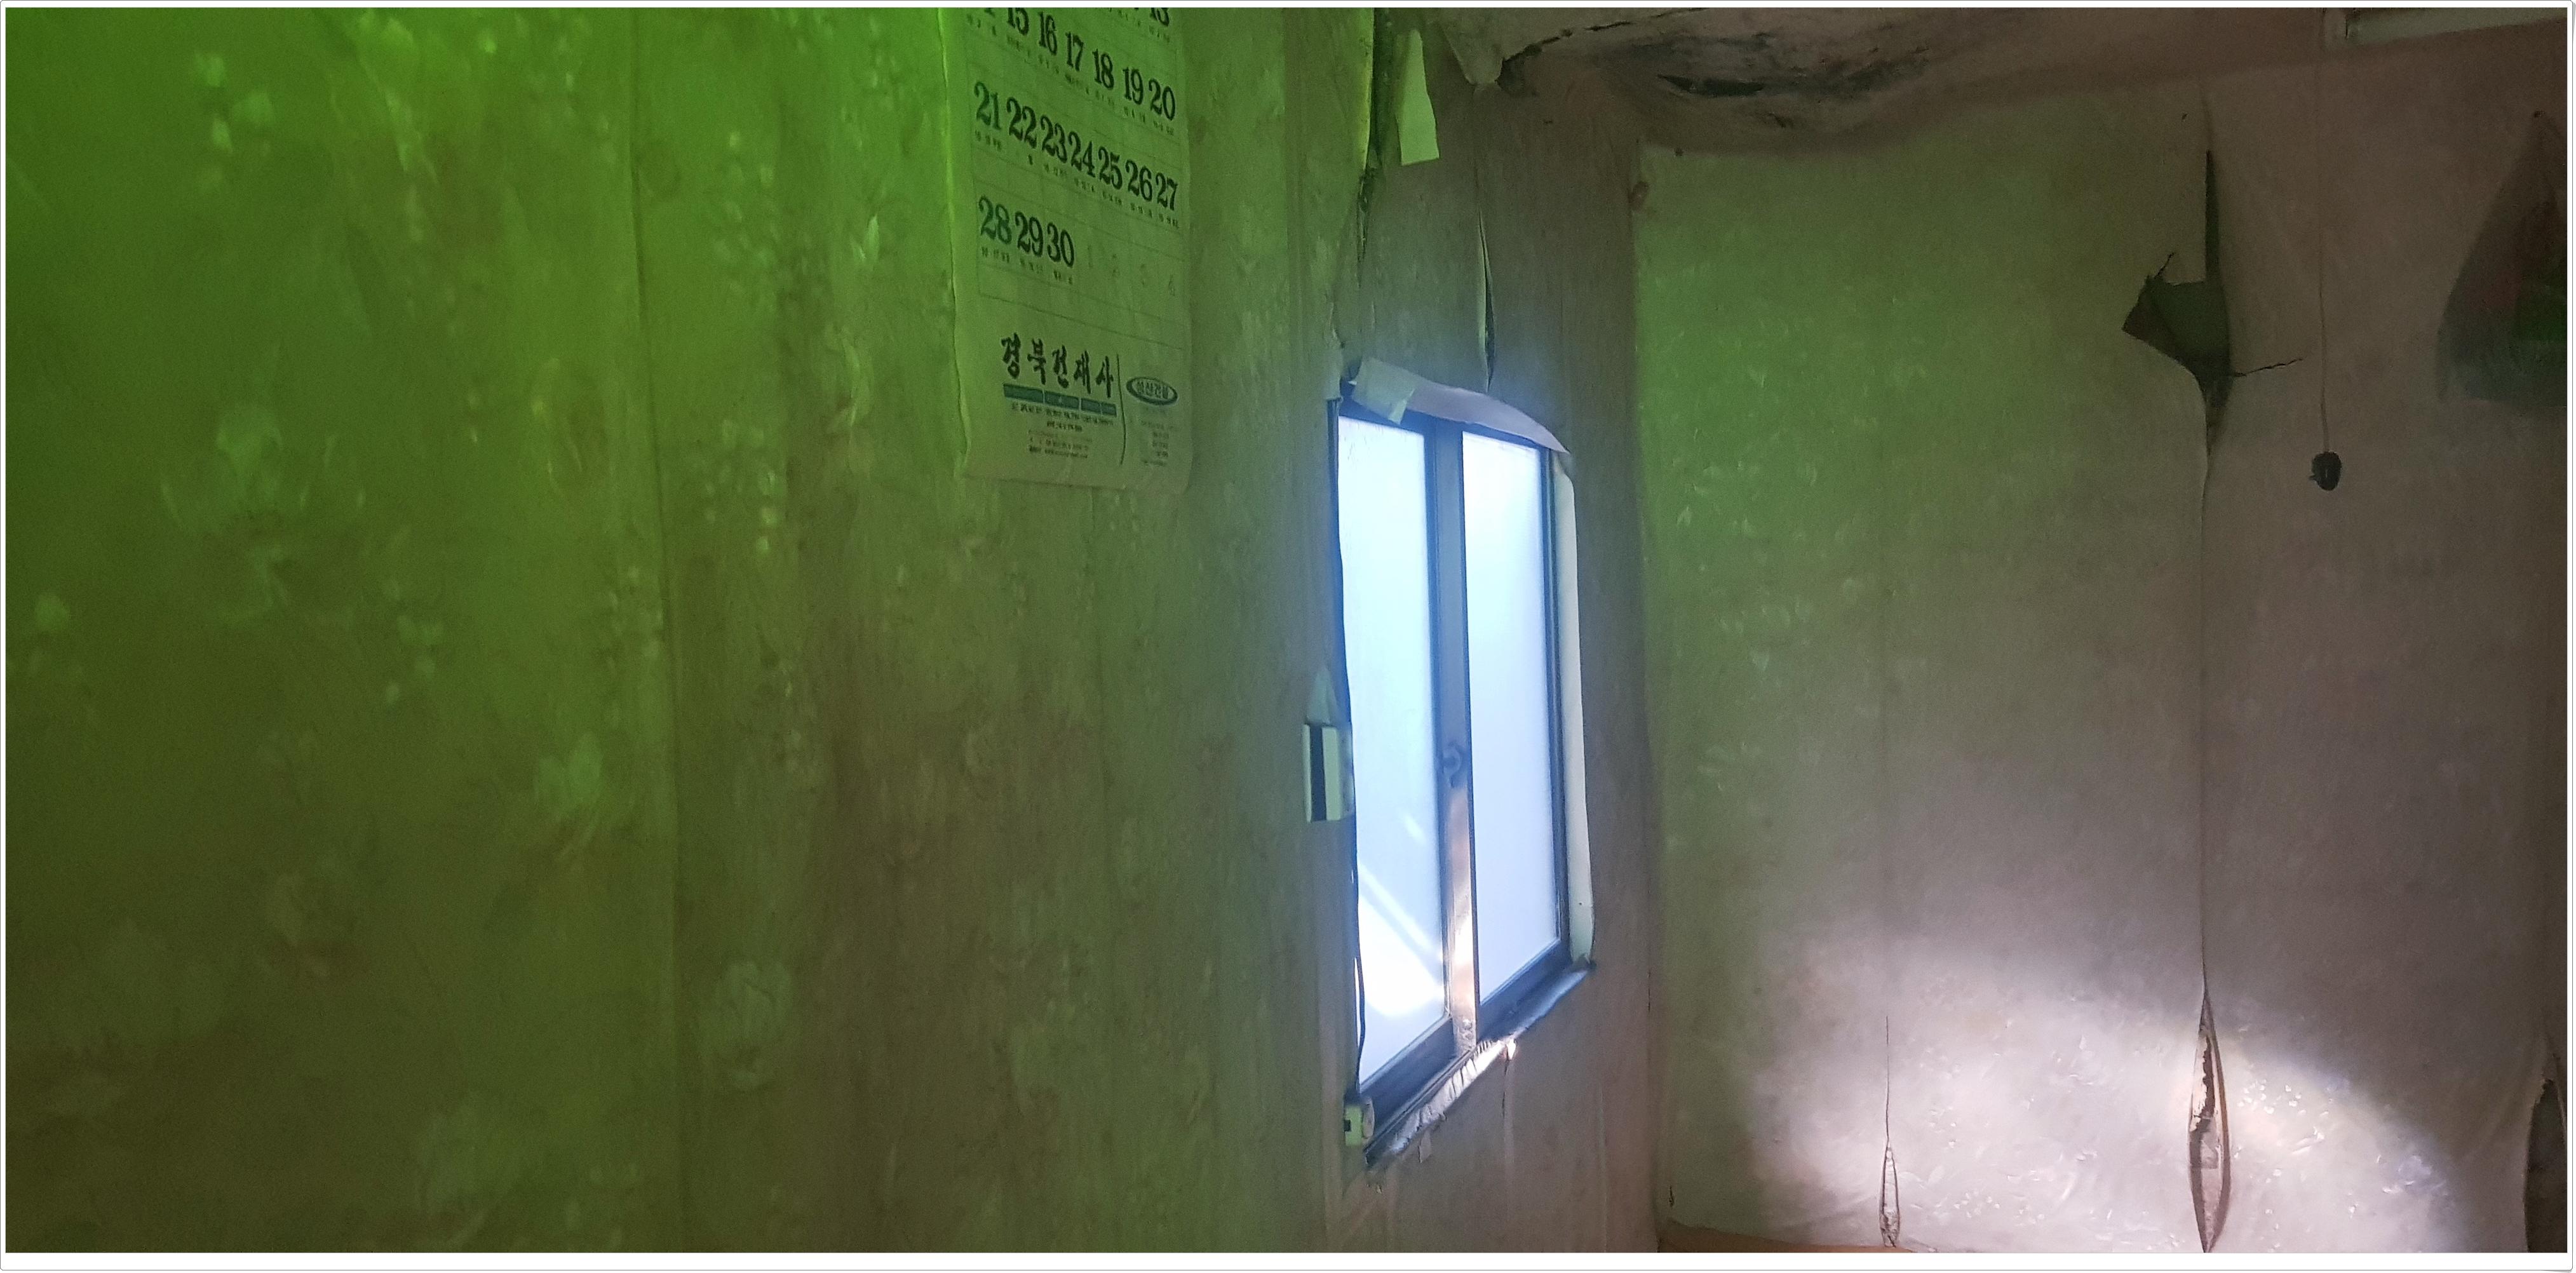 7 번째 사진 단독주택 에  연면적 ㎡ 부산 백양대로 주택 석면조사 현장